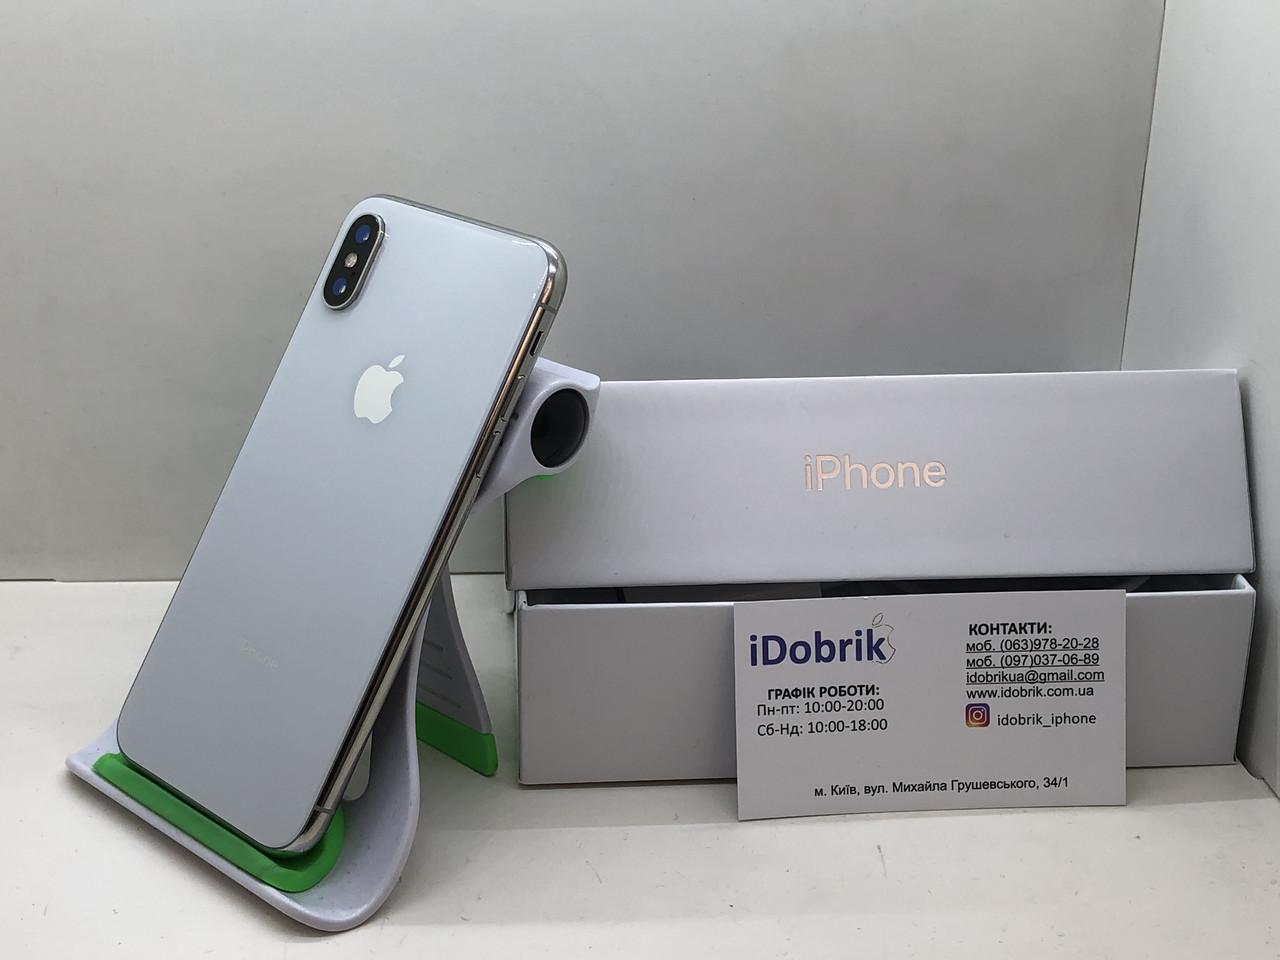 Б/У iPhone XS 64gb Silver Neverlock 10/10